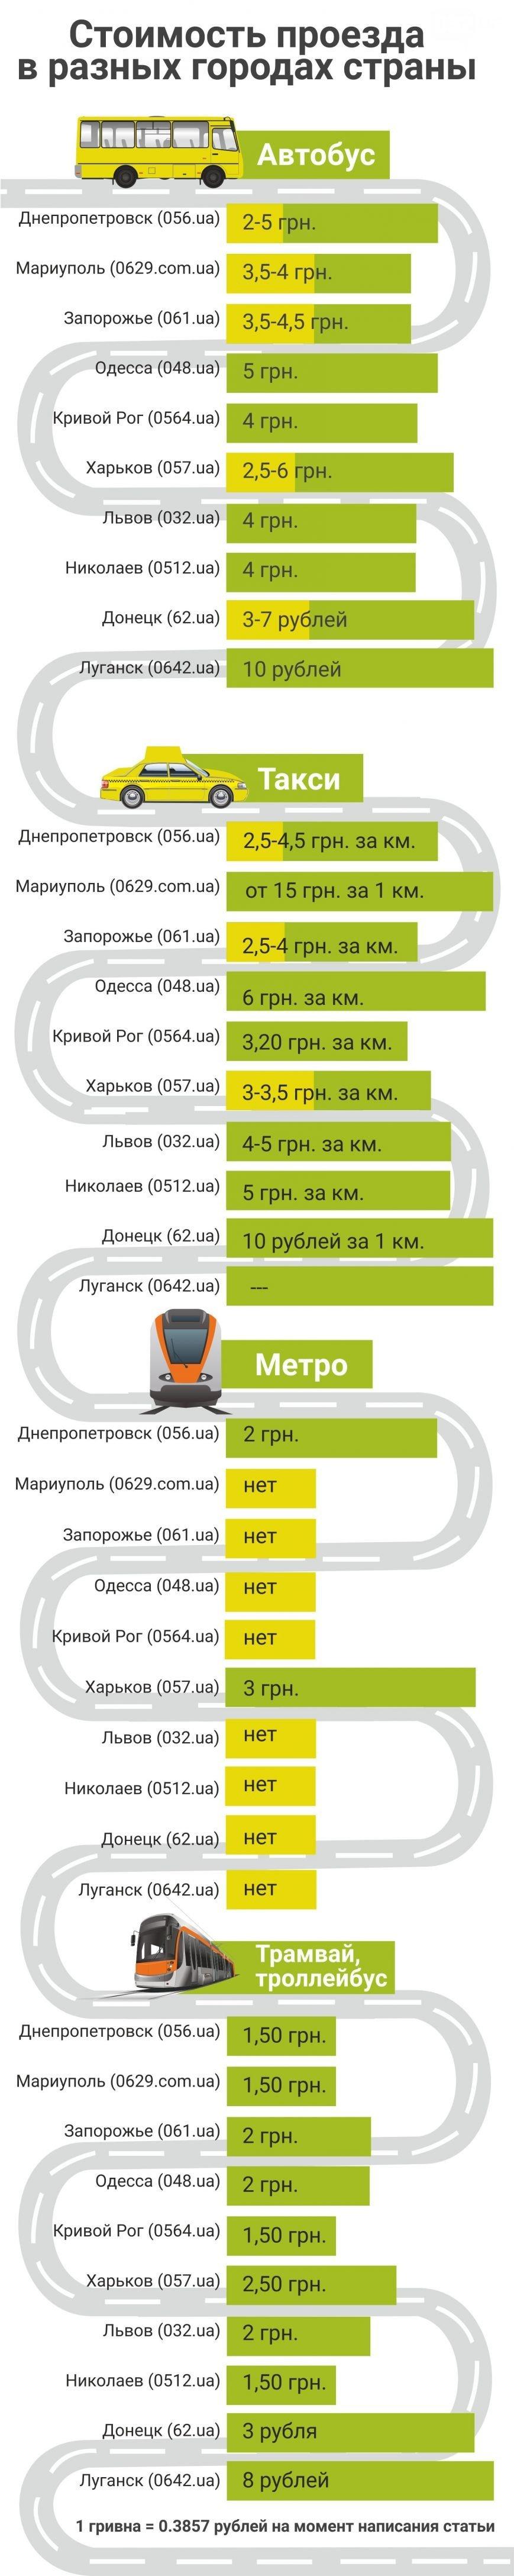 Де найдешевший проїзд в маршрутках, а де вигідніше користуватися трамваєм або тролейбусом, а може навіть таксі (фото) - фото 4